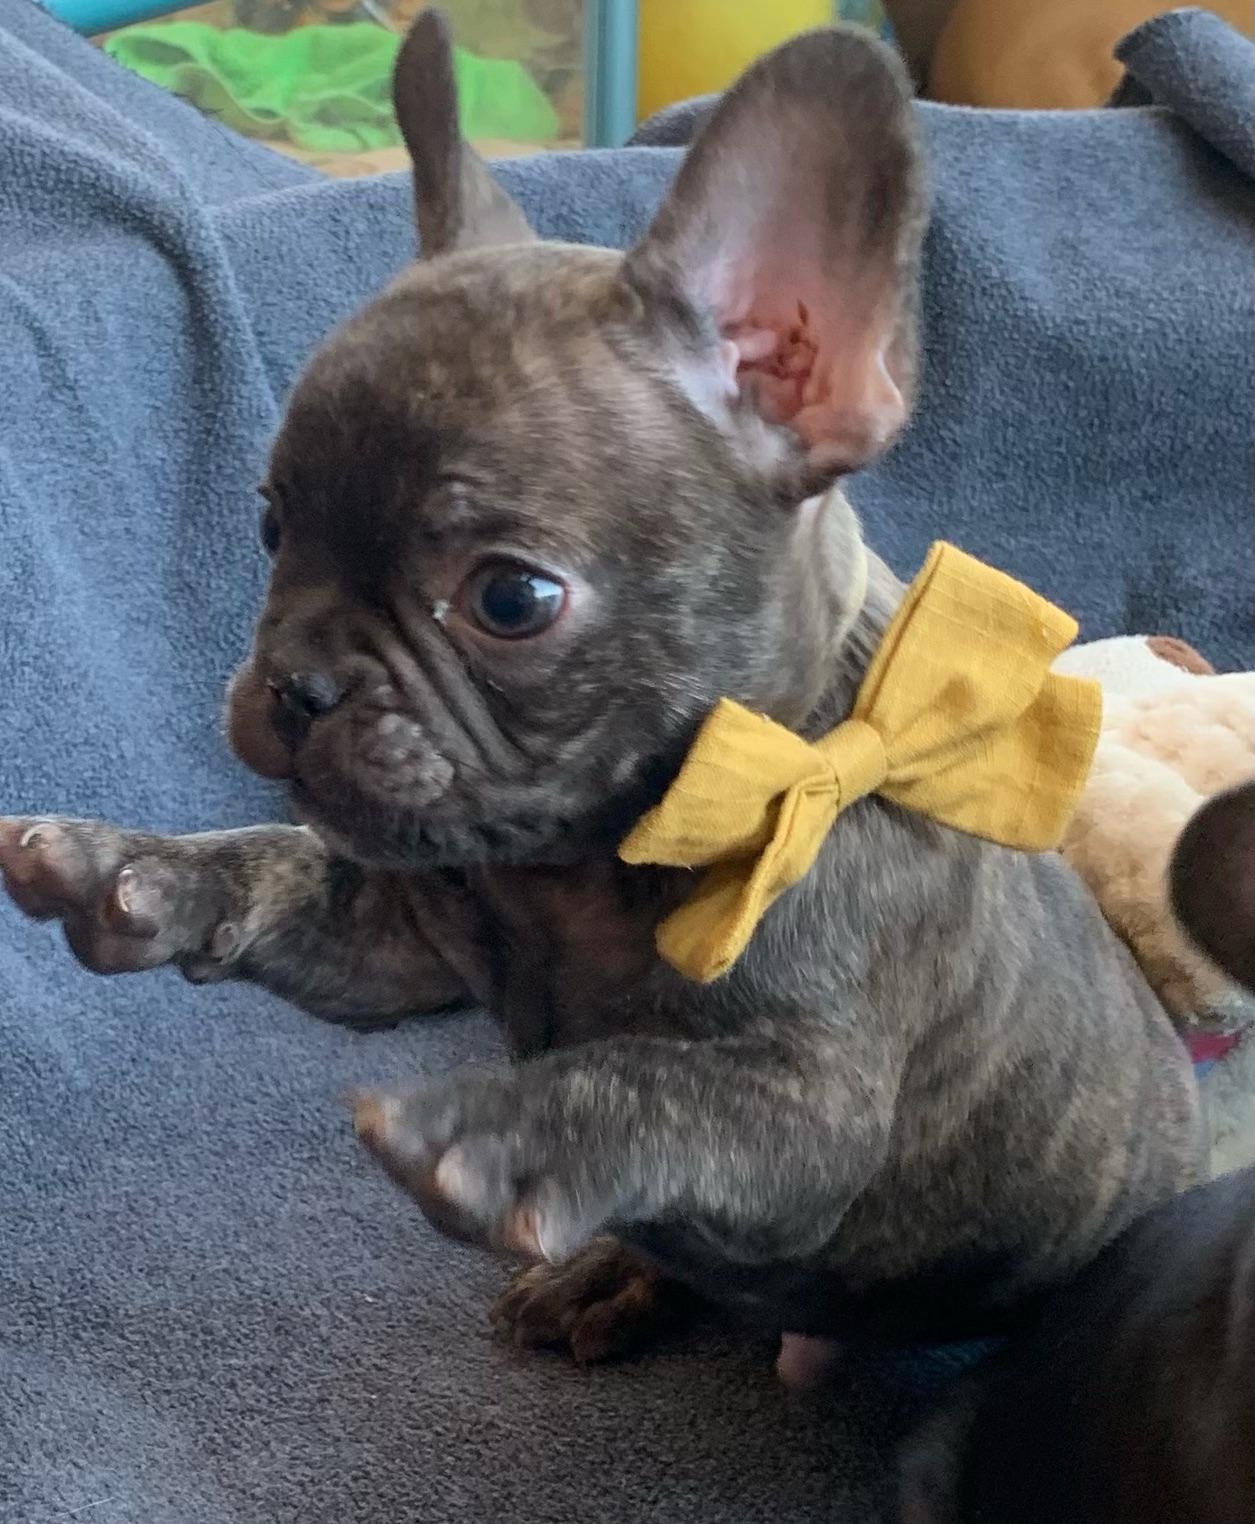 Chocolate Male French Bulldog: Gambit - 5351